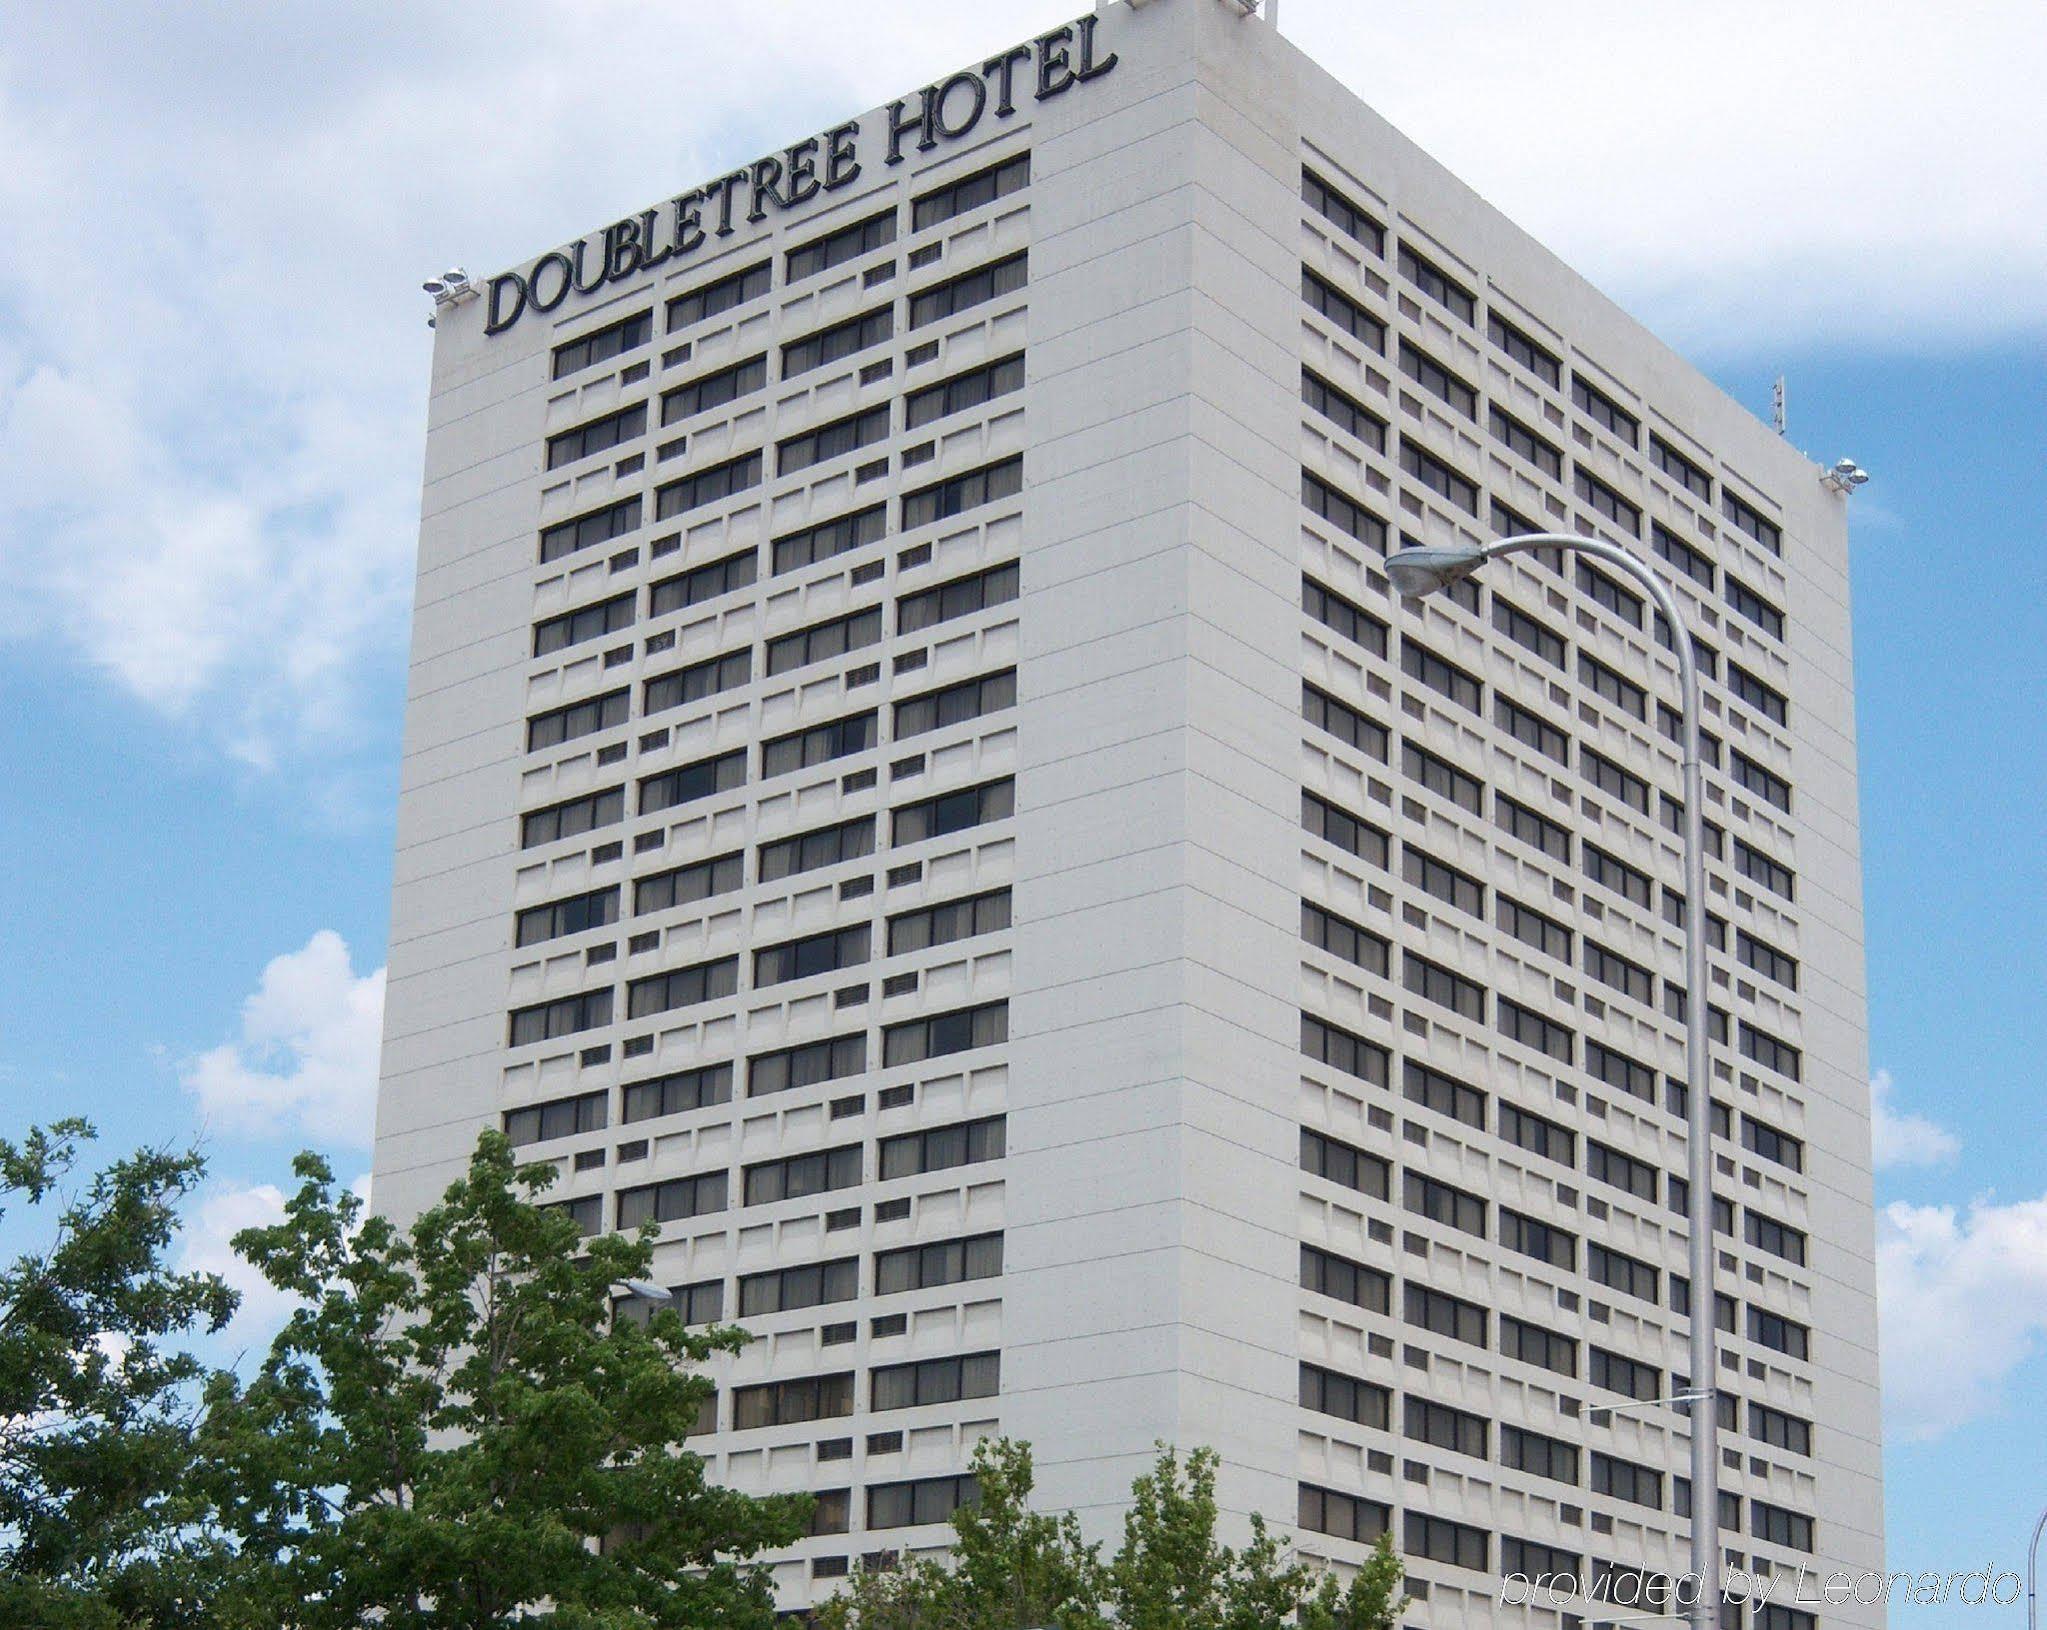 Albuquerque hotels cheap hotels in albuquerque - Hilton garden inn albuquerque journal center ...